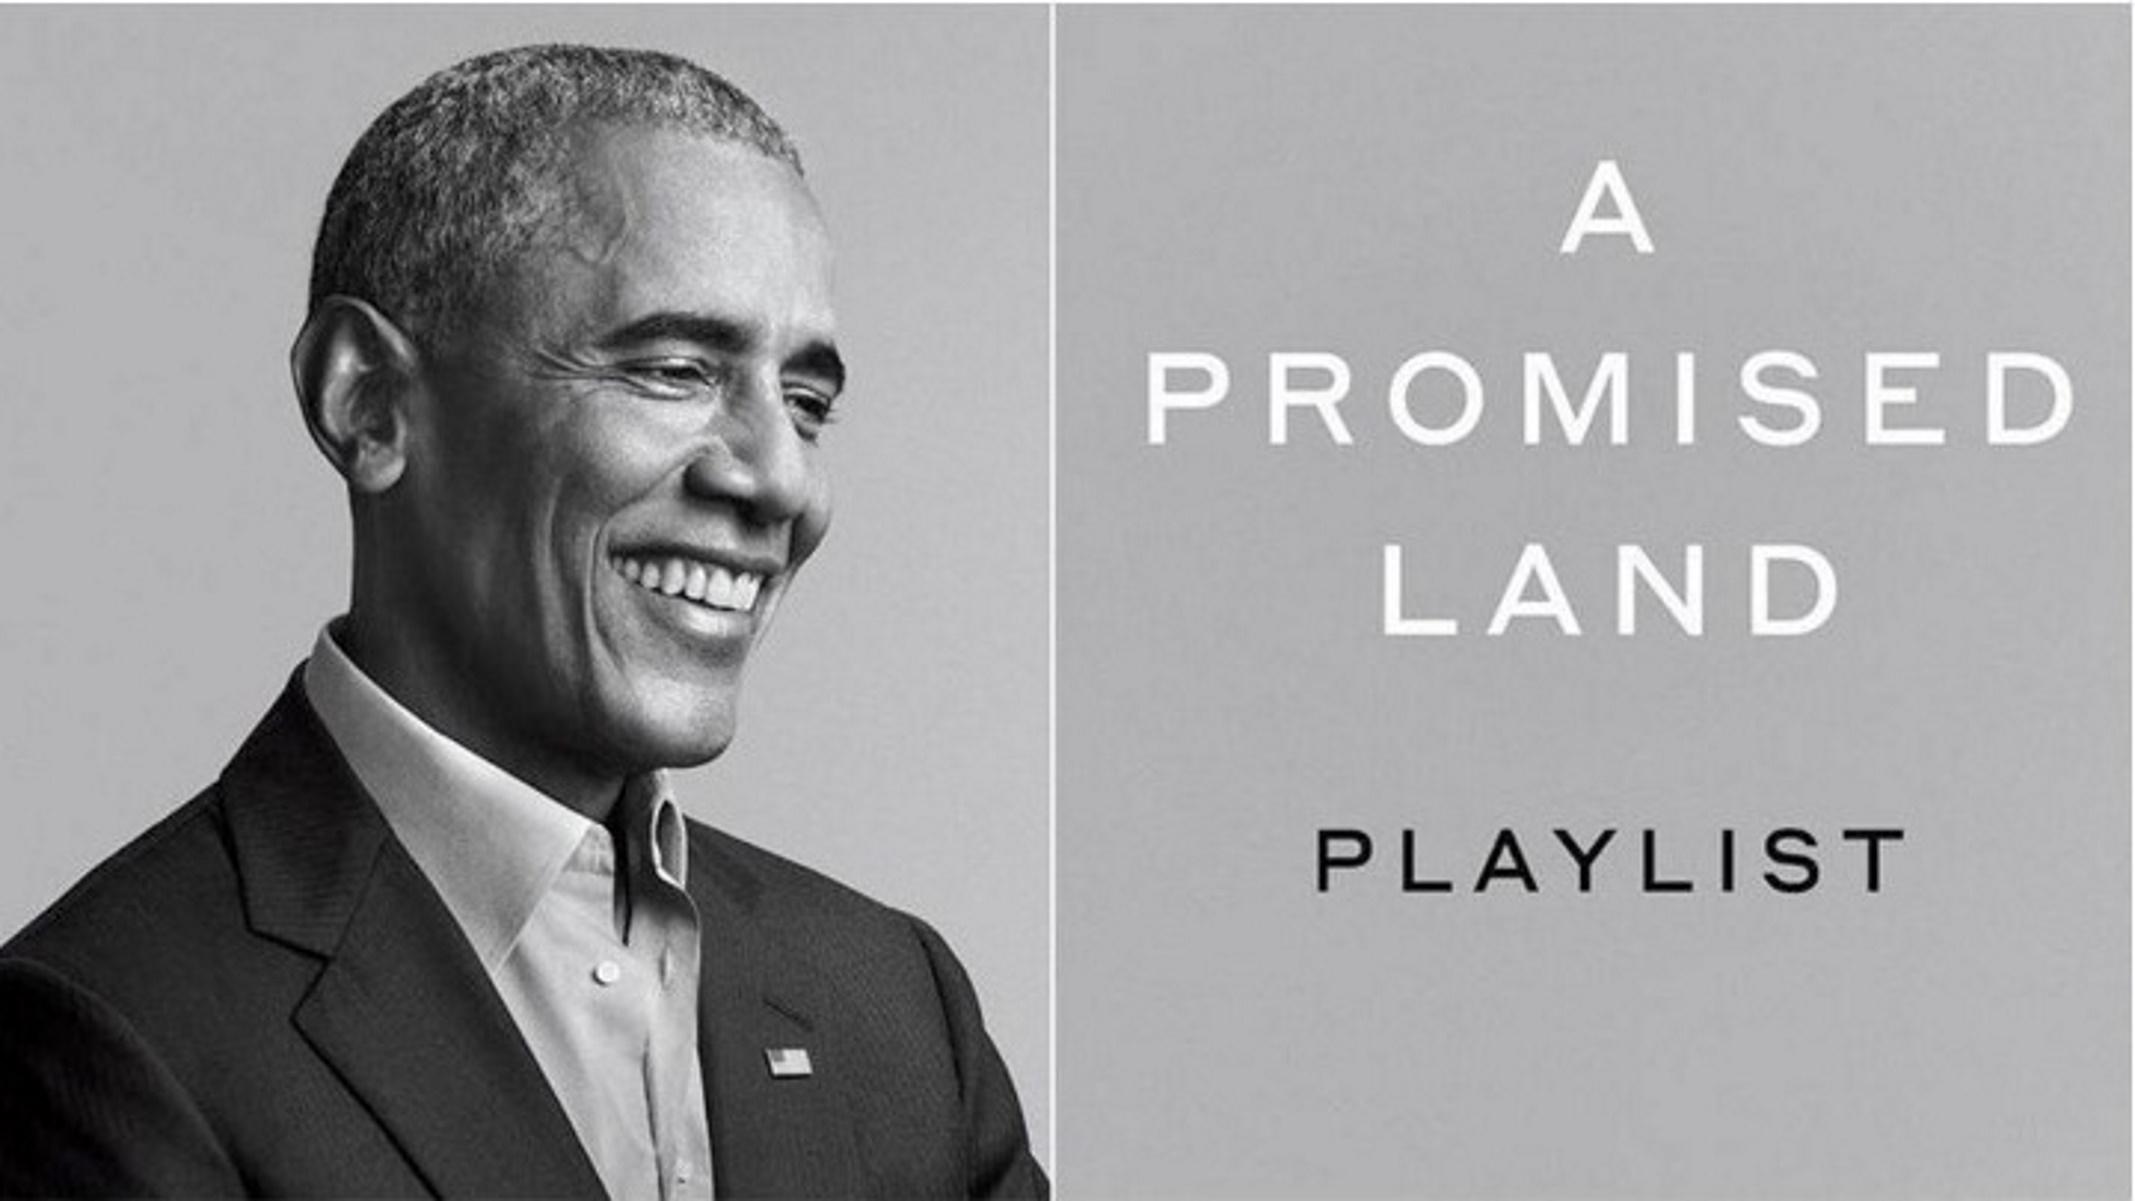 Μπαράκ Ομπάμα – Spotify: Σινάτρα, Fleetwood Mac αλλά και… Eminem